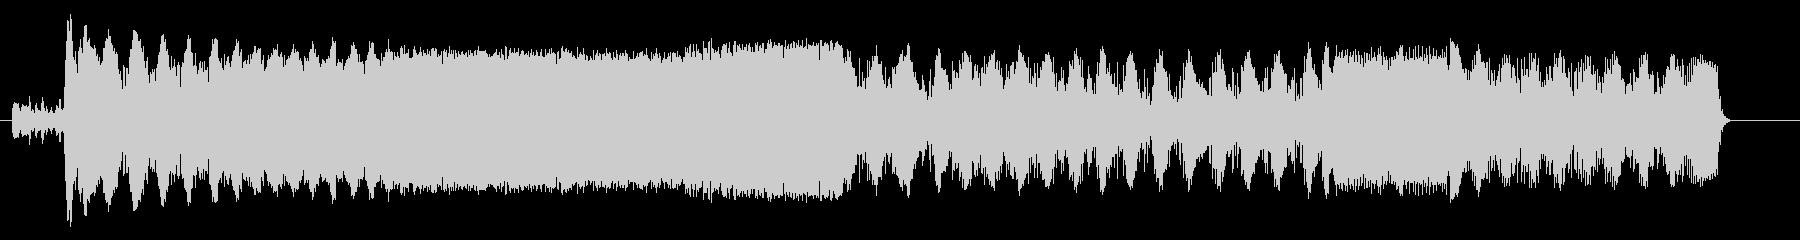 ドラッグボート;開始/アイドル/回...の未再生の波形